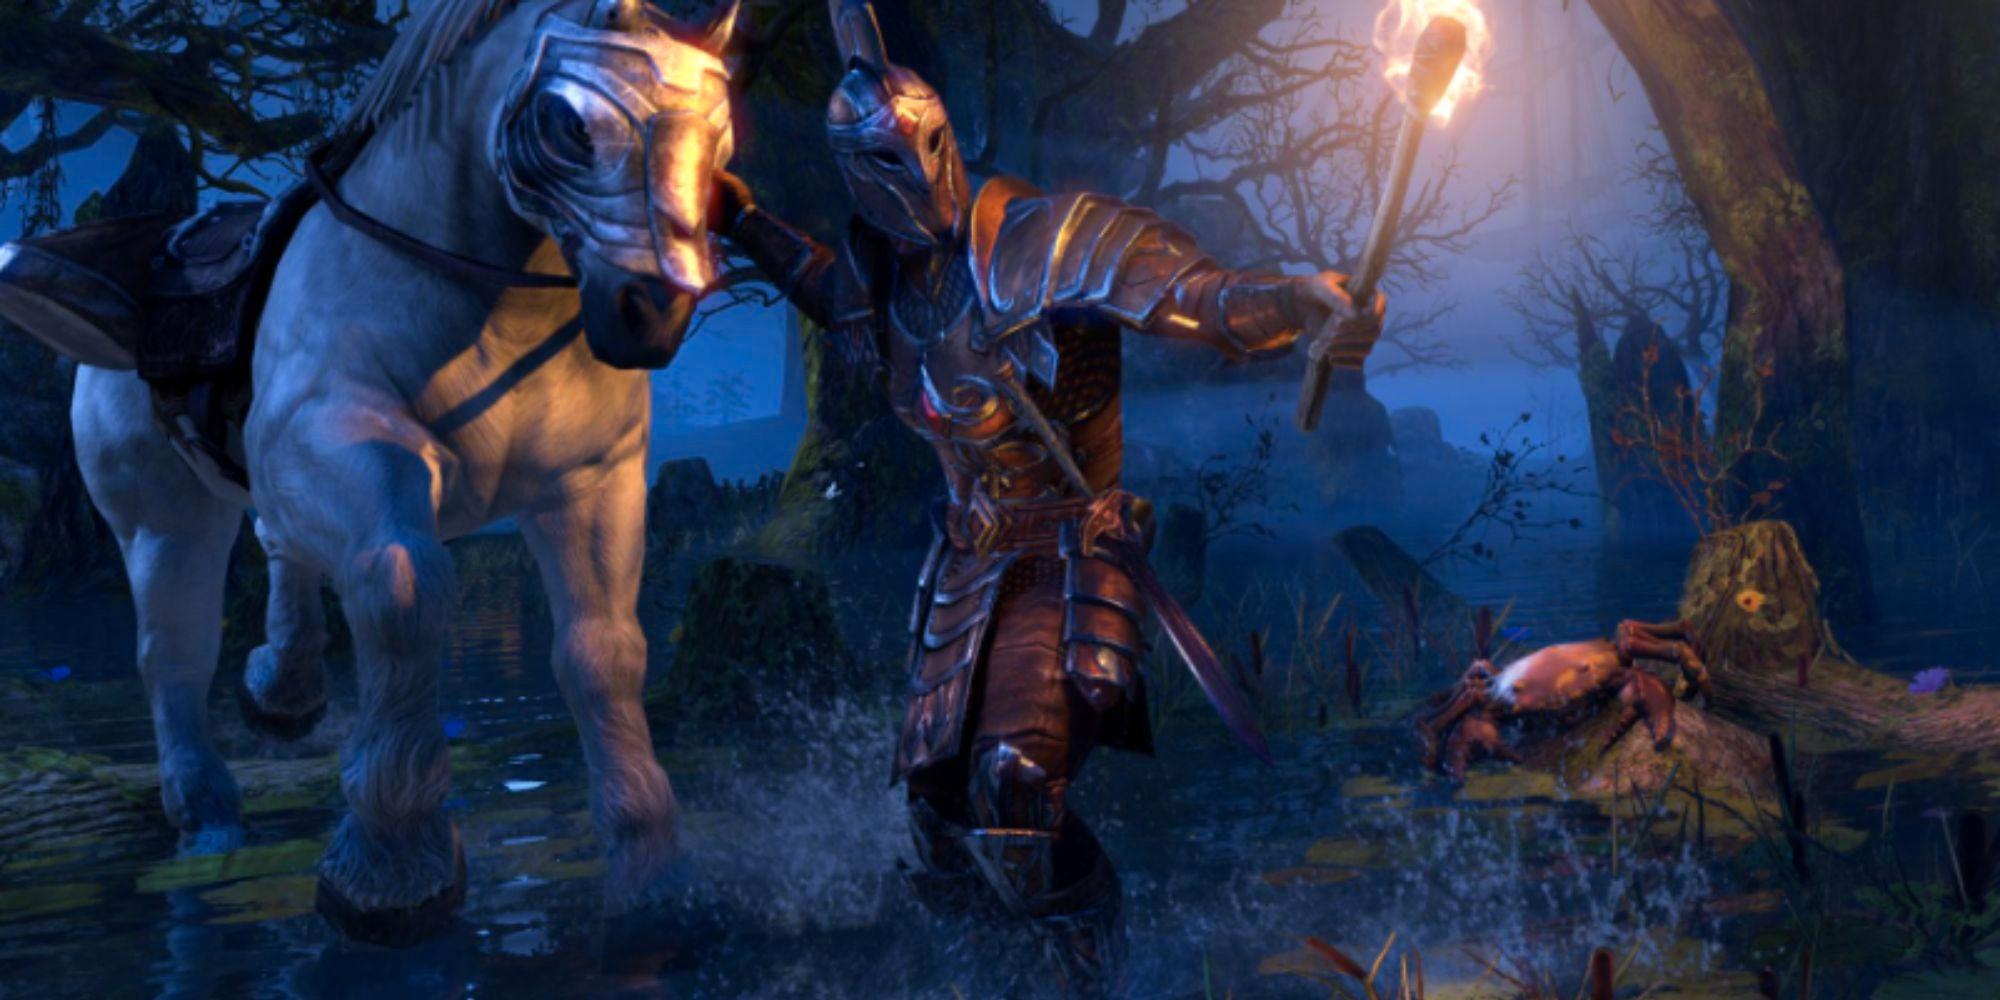 The Elder Scrolls Online Explicación de los clientes potenciales, ubicaciones, recompensas